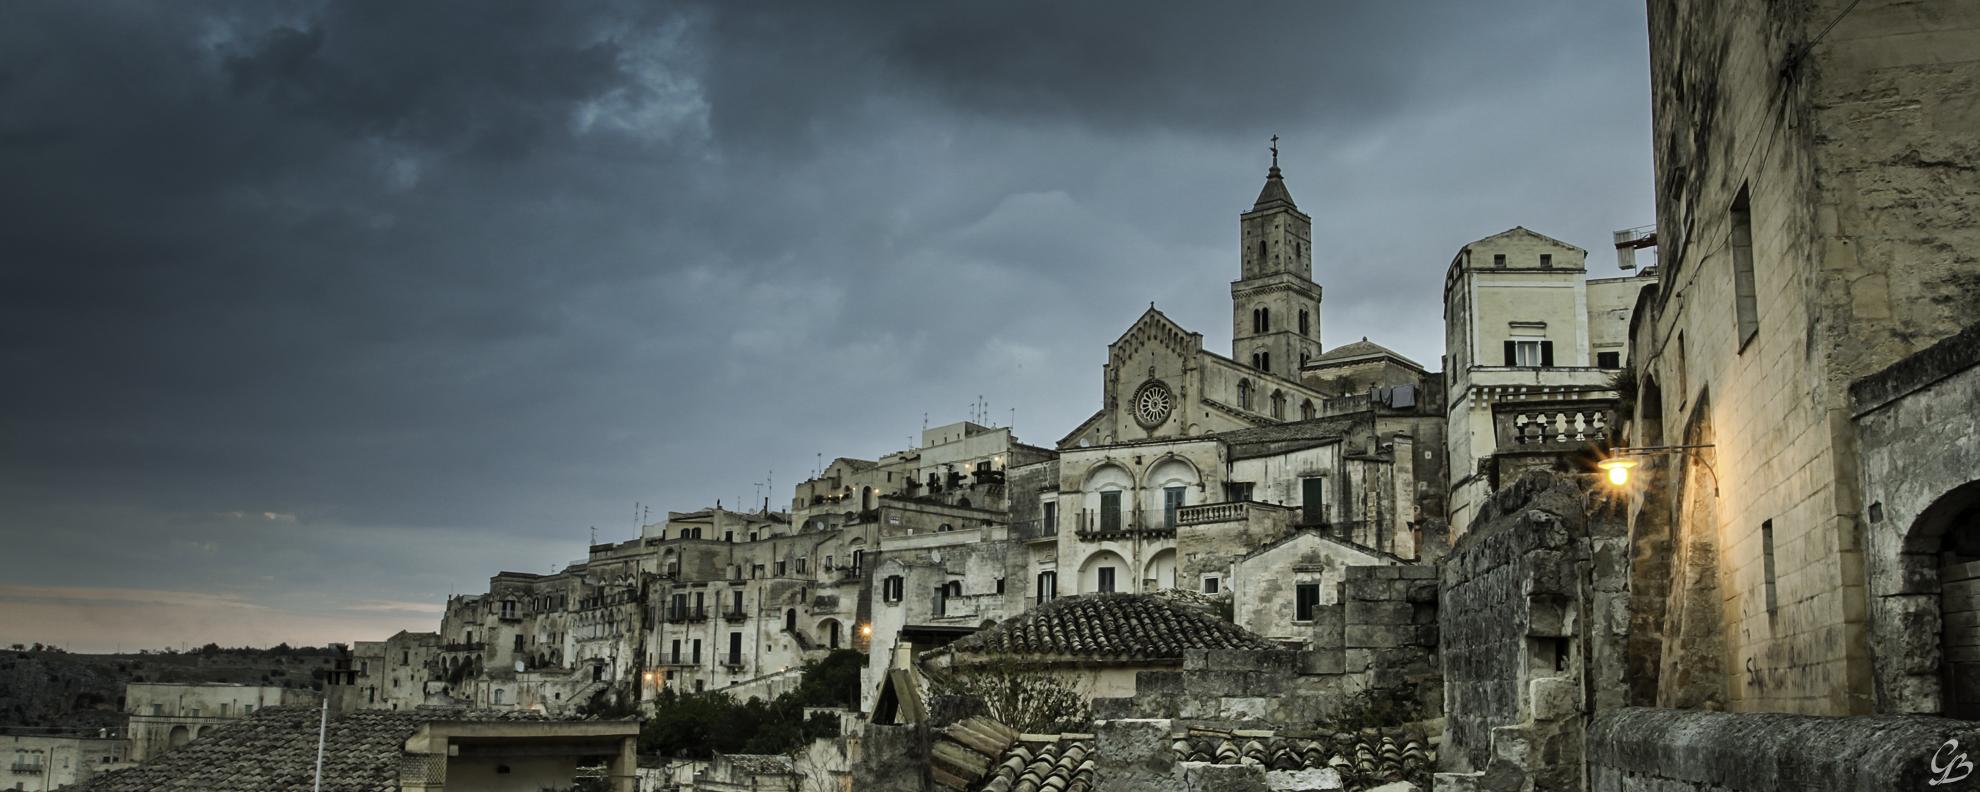 Matera - thành phố từng bị Chúa lãng quên